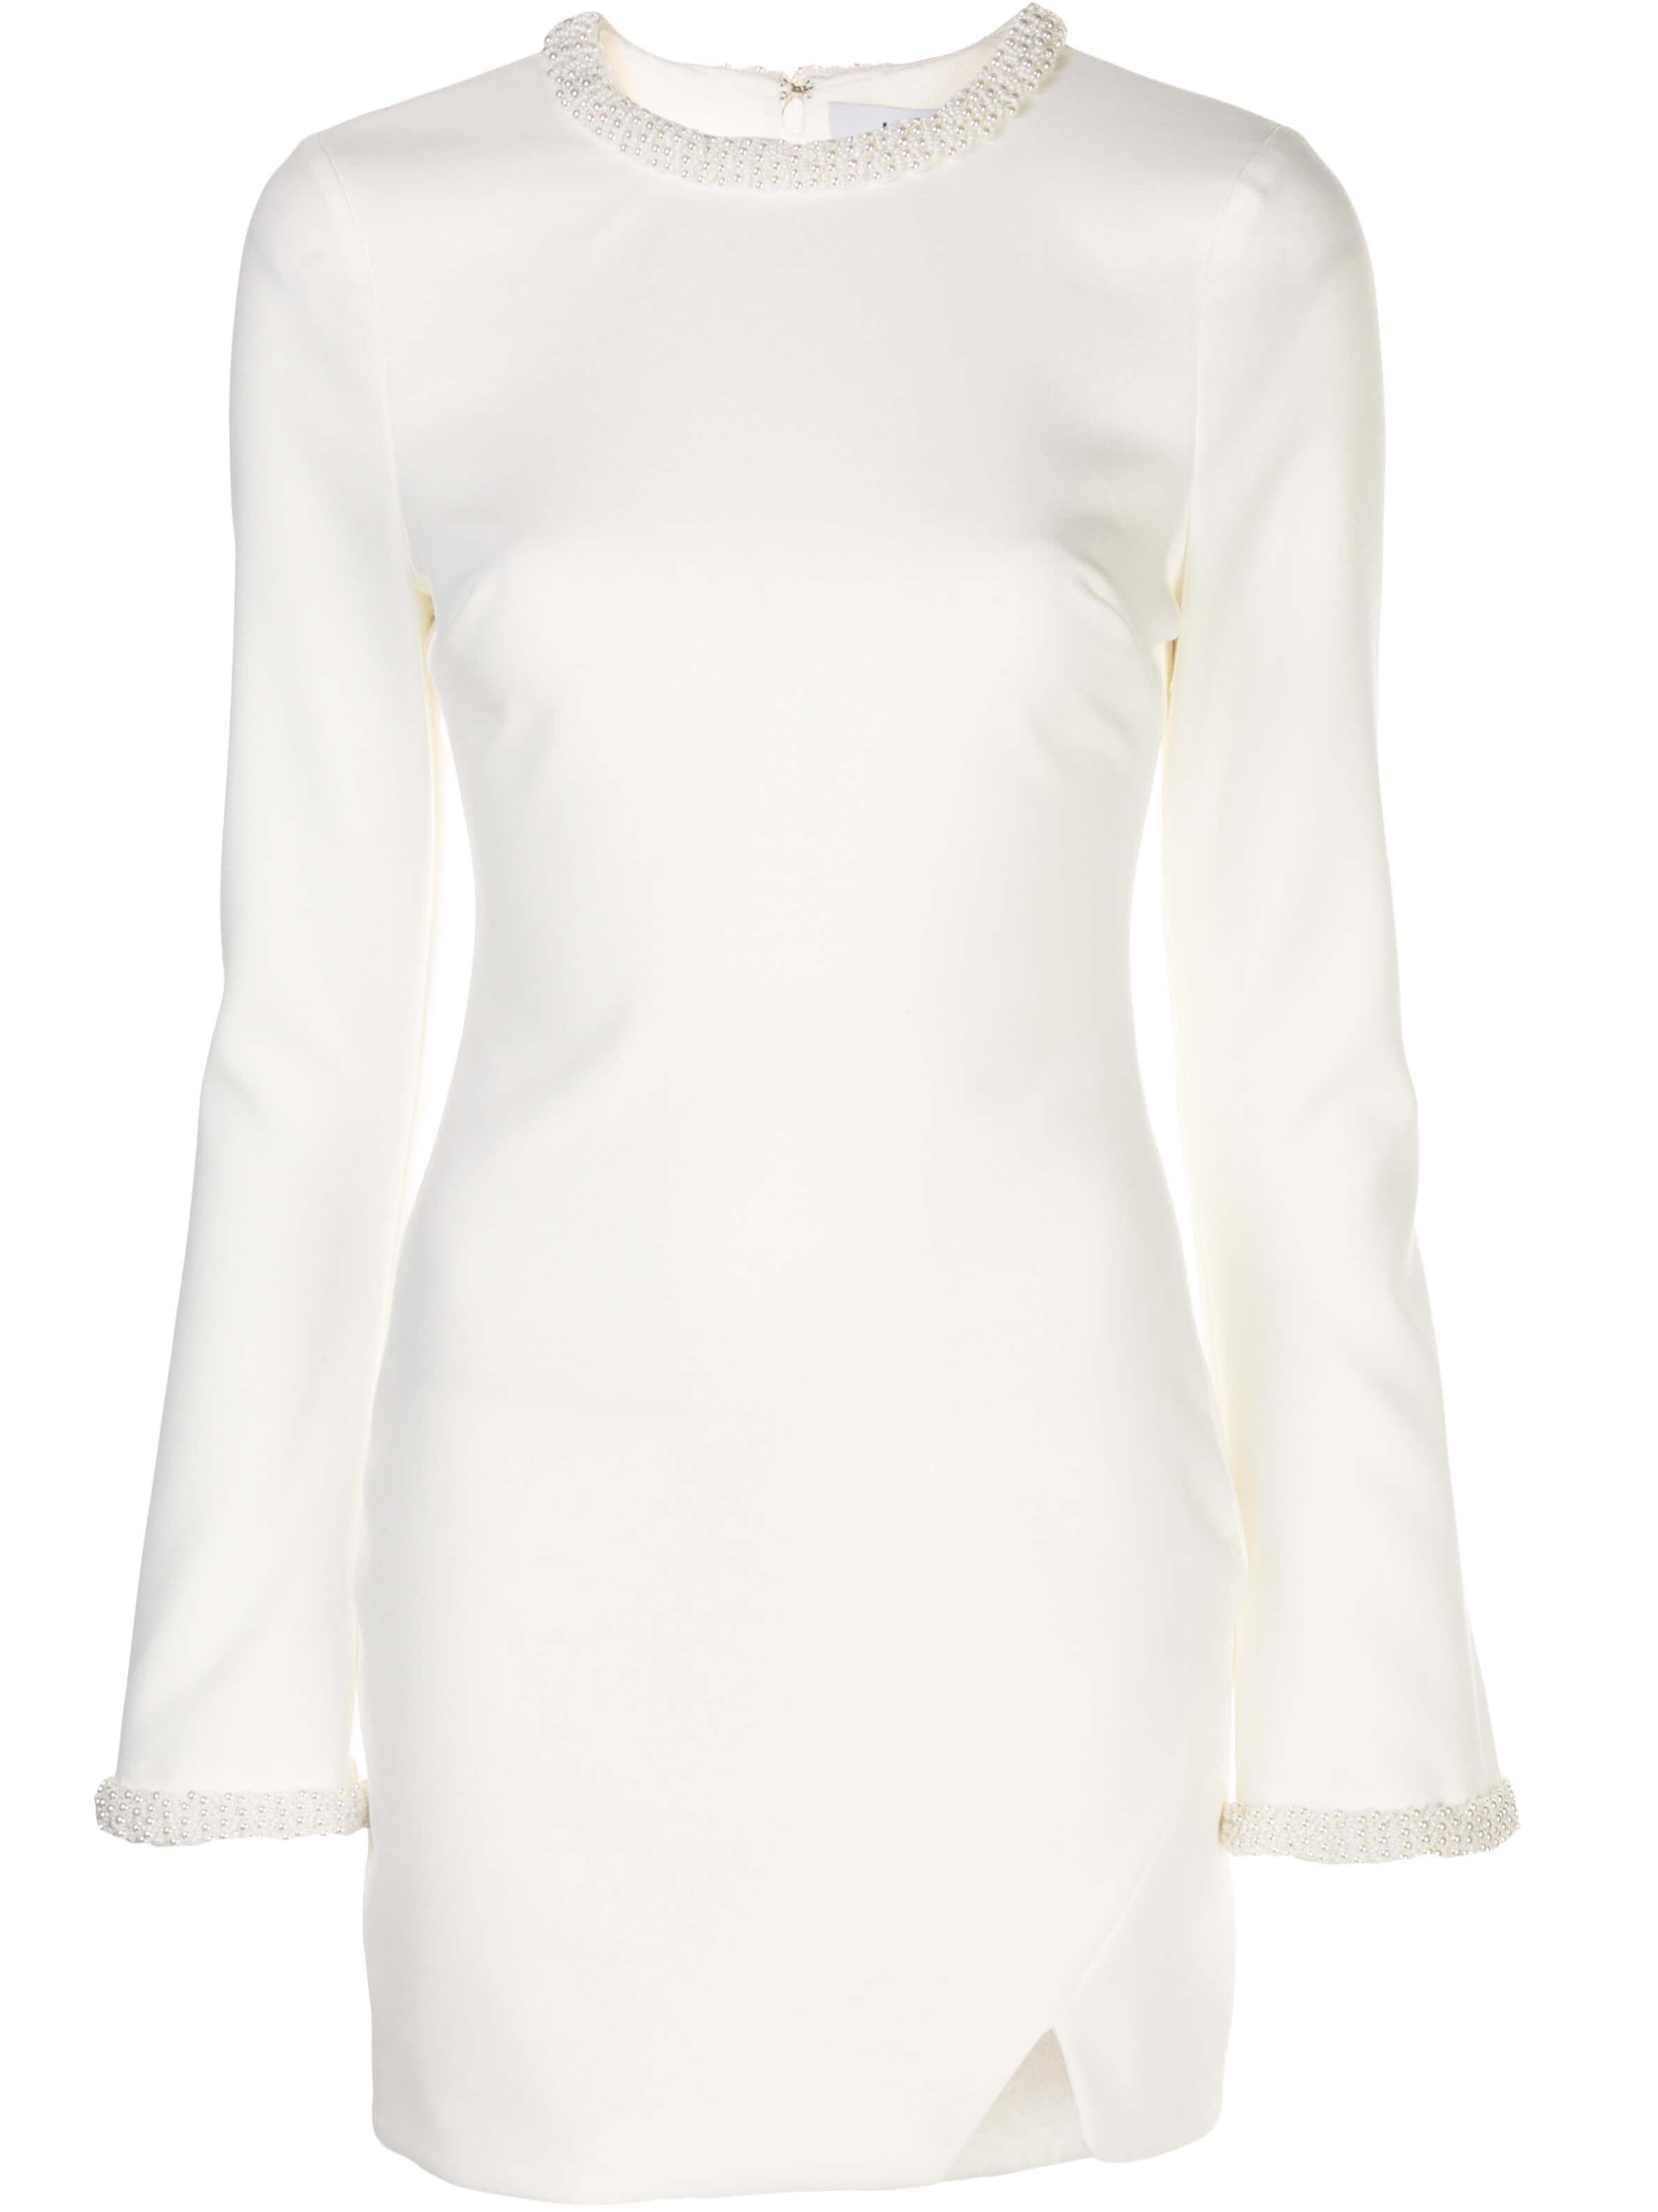 Mabel Long Sleeve Embellished Trim Dress